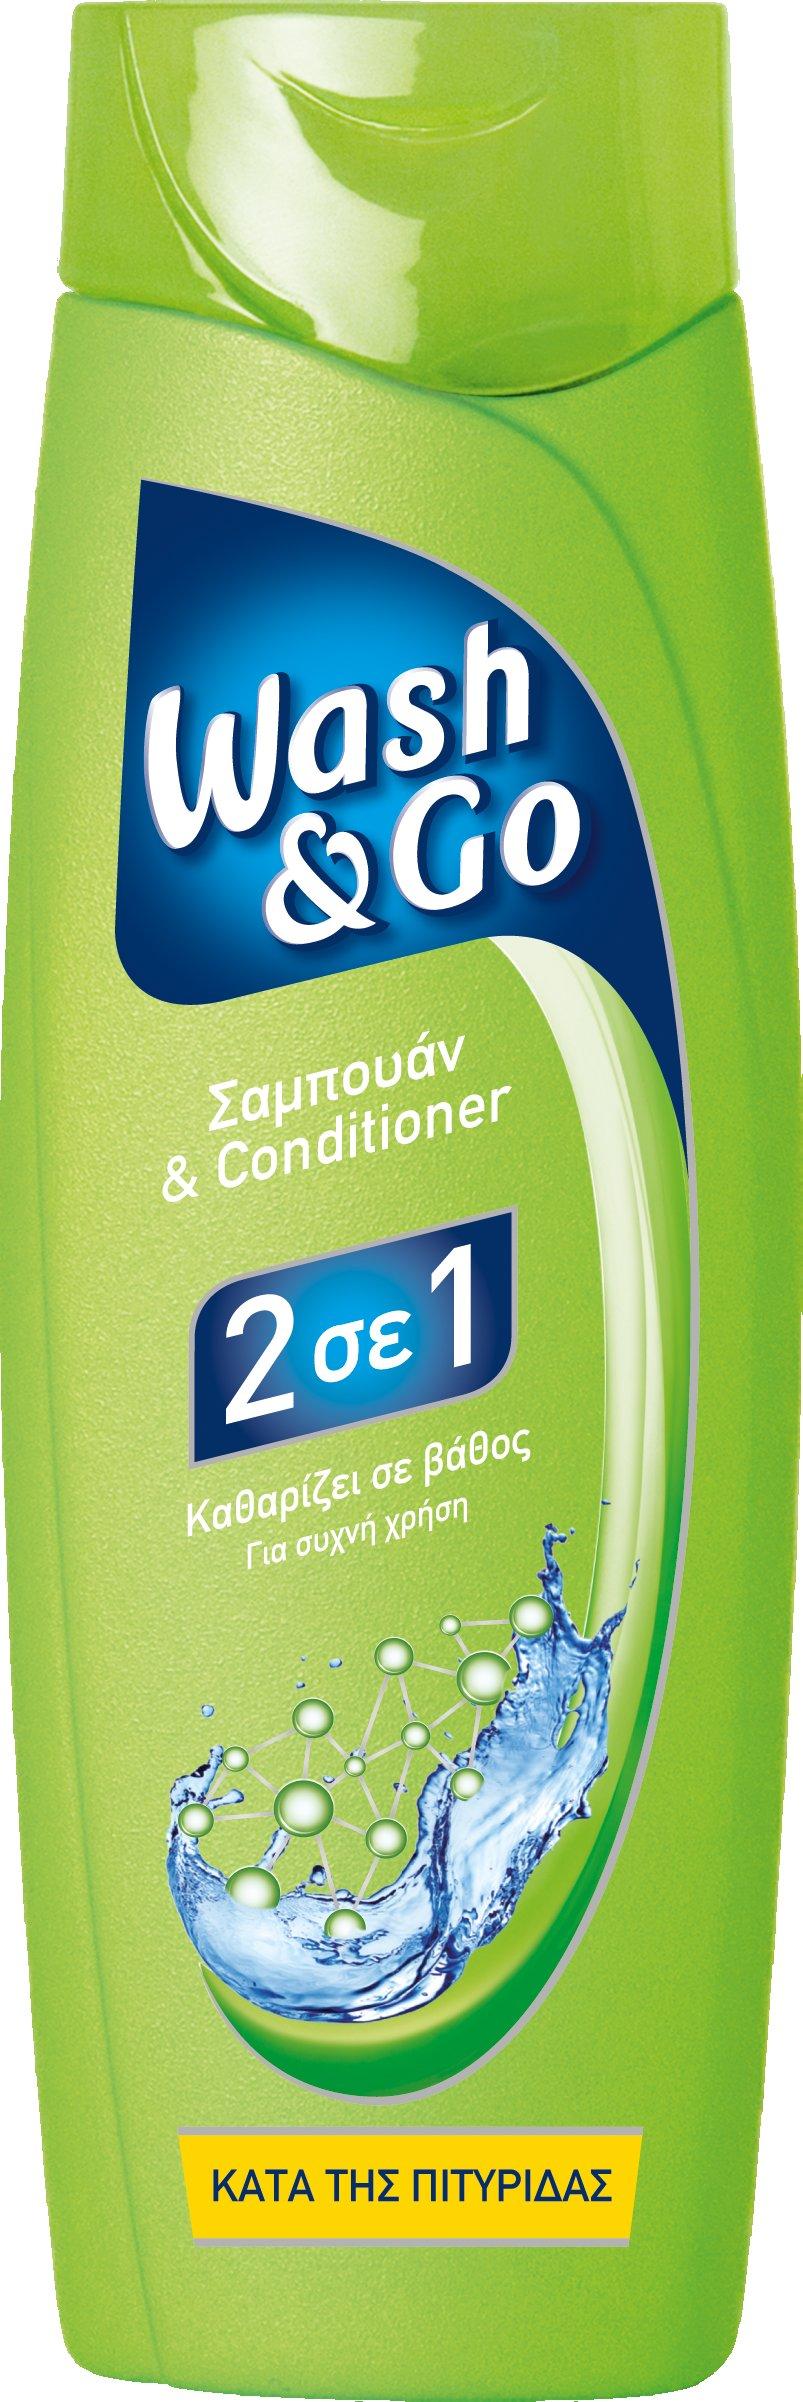 Σαμπουάν κατά της πιτυρίδας Wash & Go (400 ml) 1+1